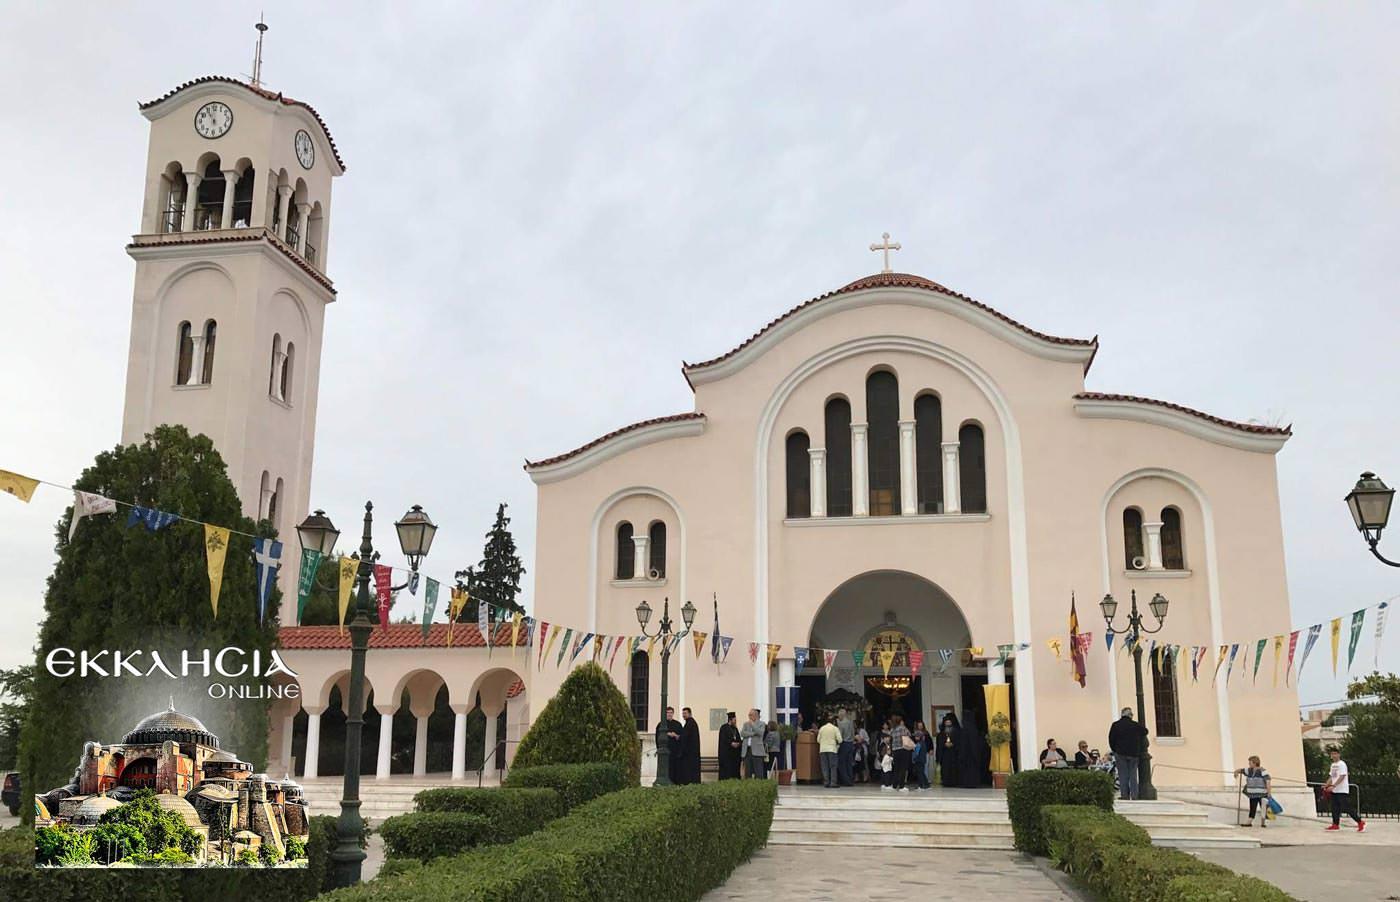 Κωνσταντίνου και Ελένης Ιερός Ναός Νέα Μάκρη 2019